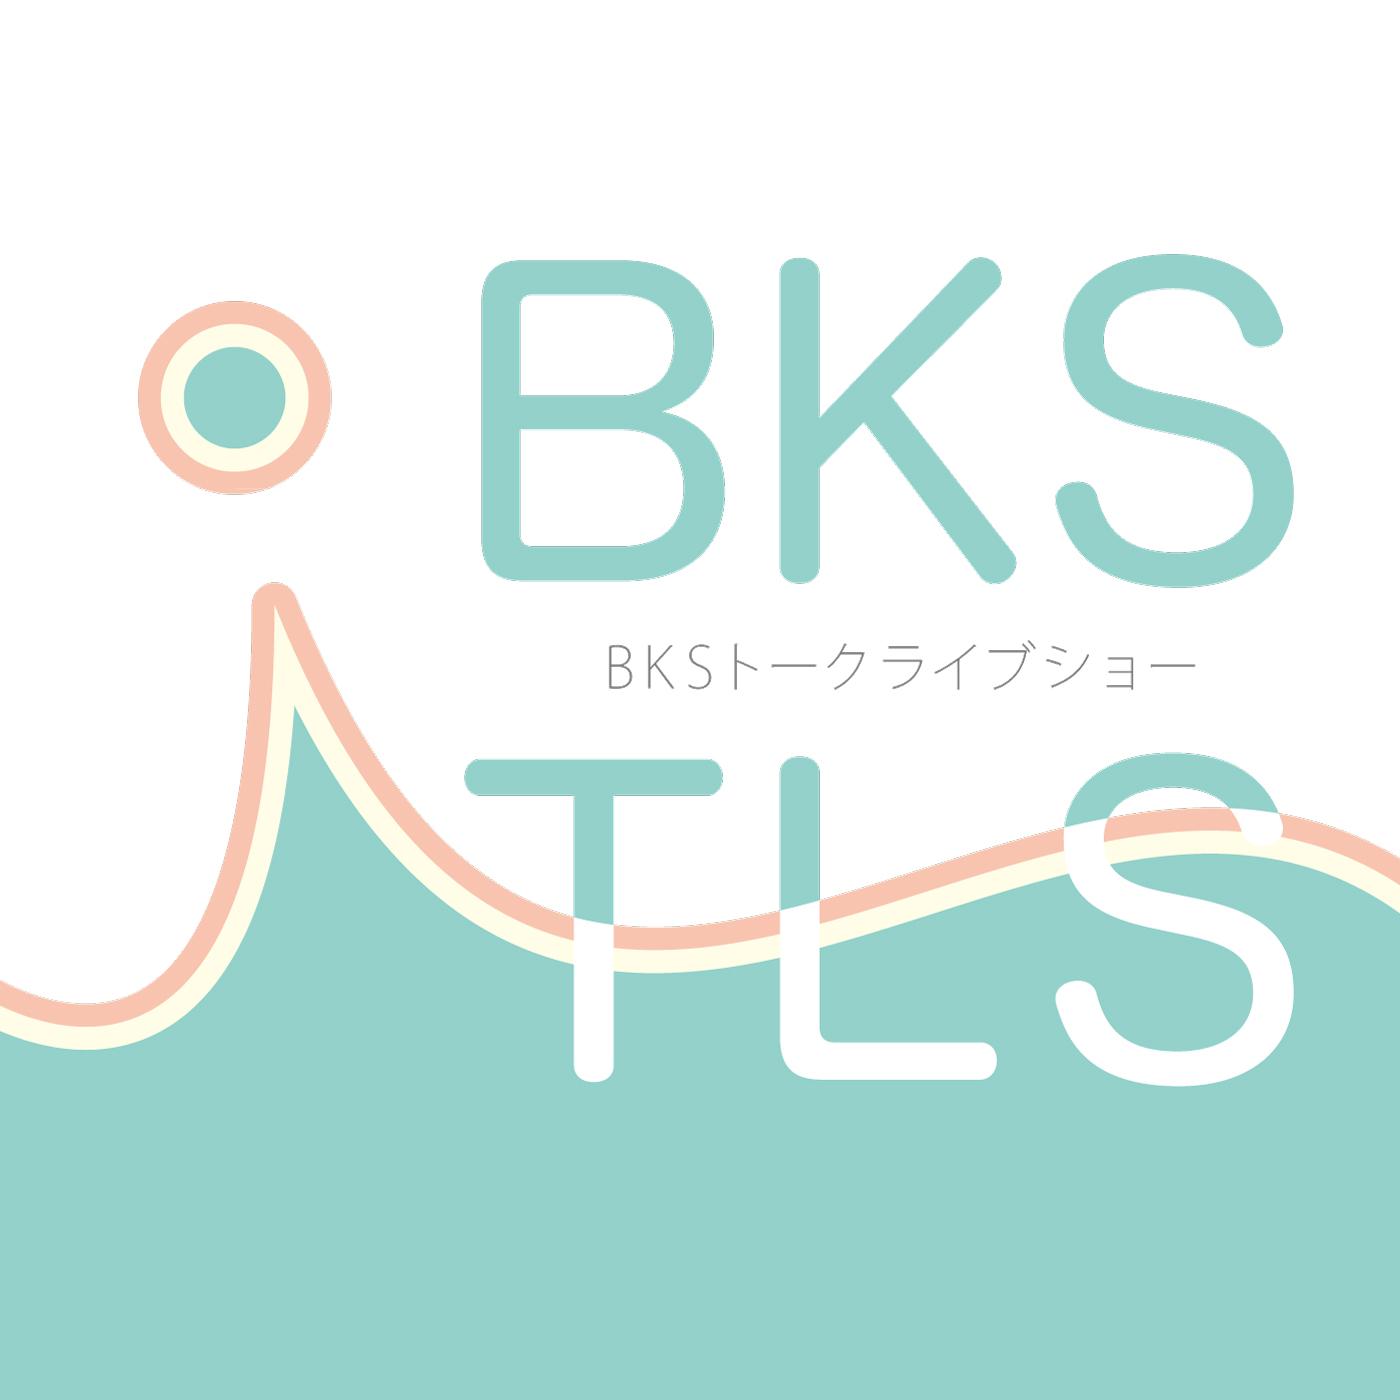 BKSTLS vol.20 中澤信幸、牧会の引き継ぎについて